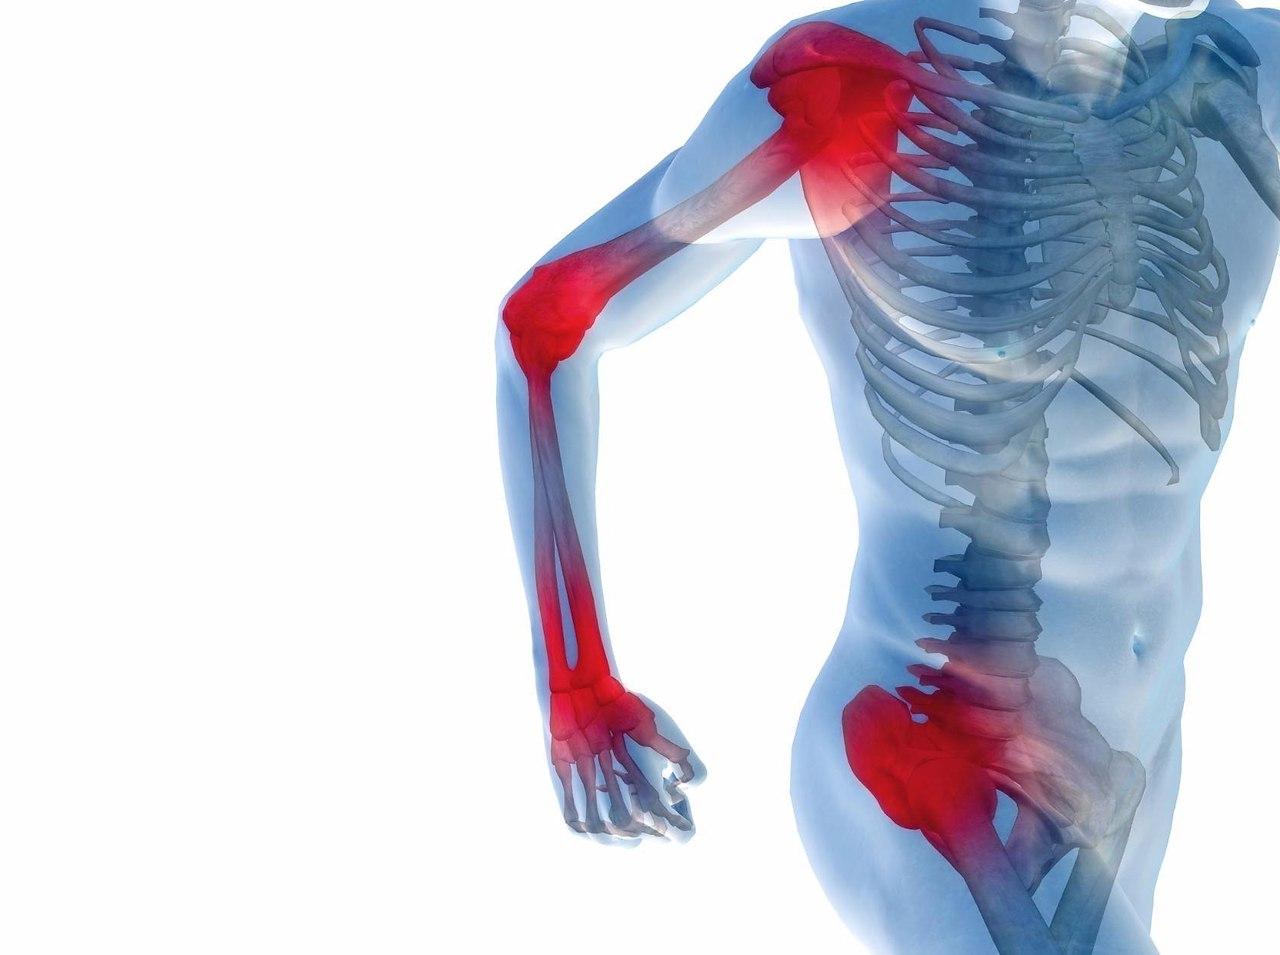 Замена сустава при сахарном диабете артроскопия коленного сустава сколько дней стационар положено